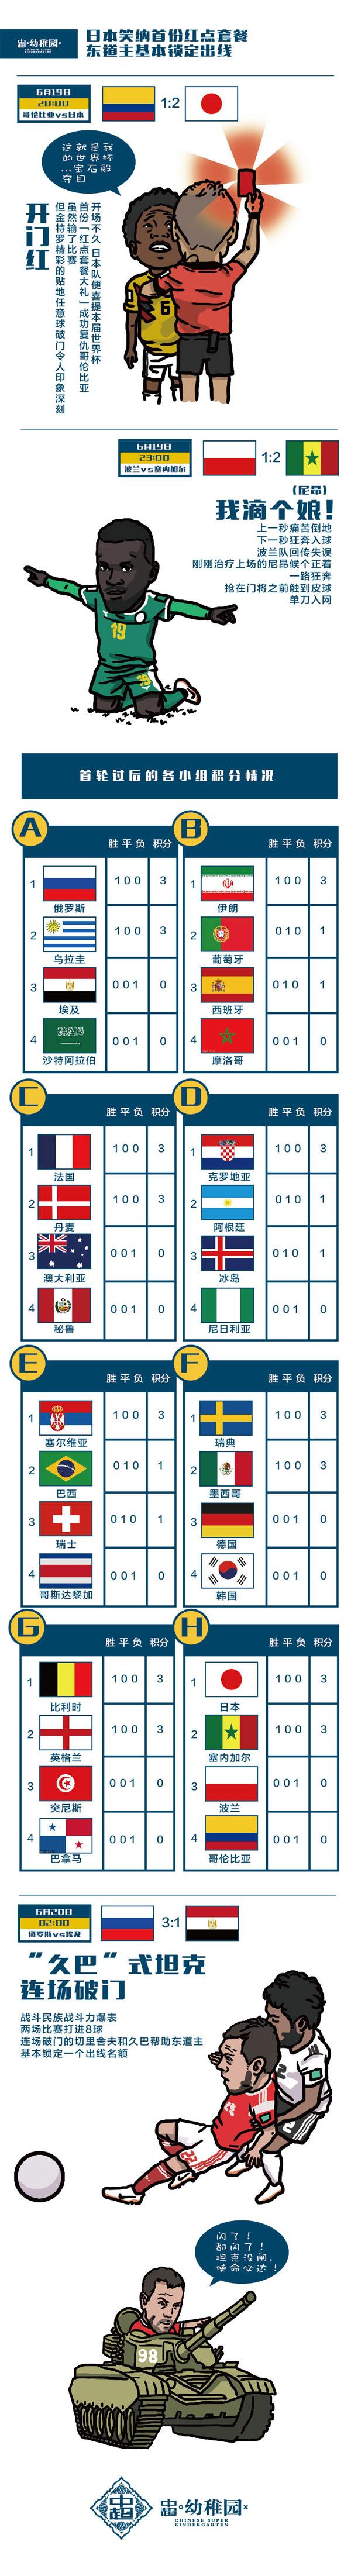 漫画世界杯:日本笑纳首份红点套餐 东道主基本锁定出线